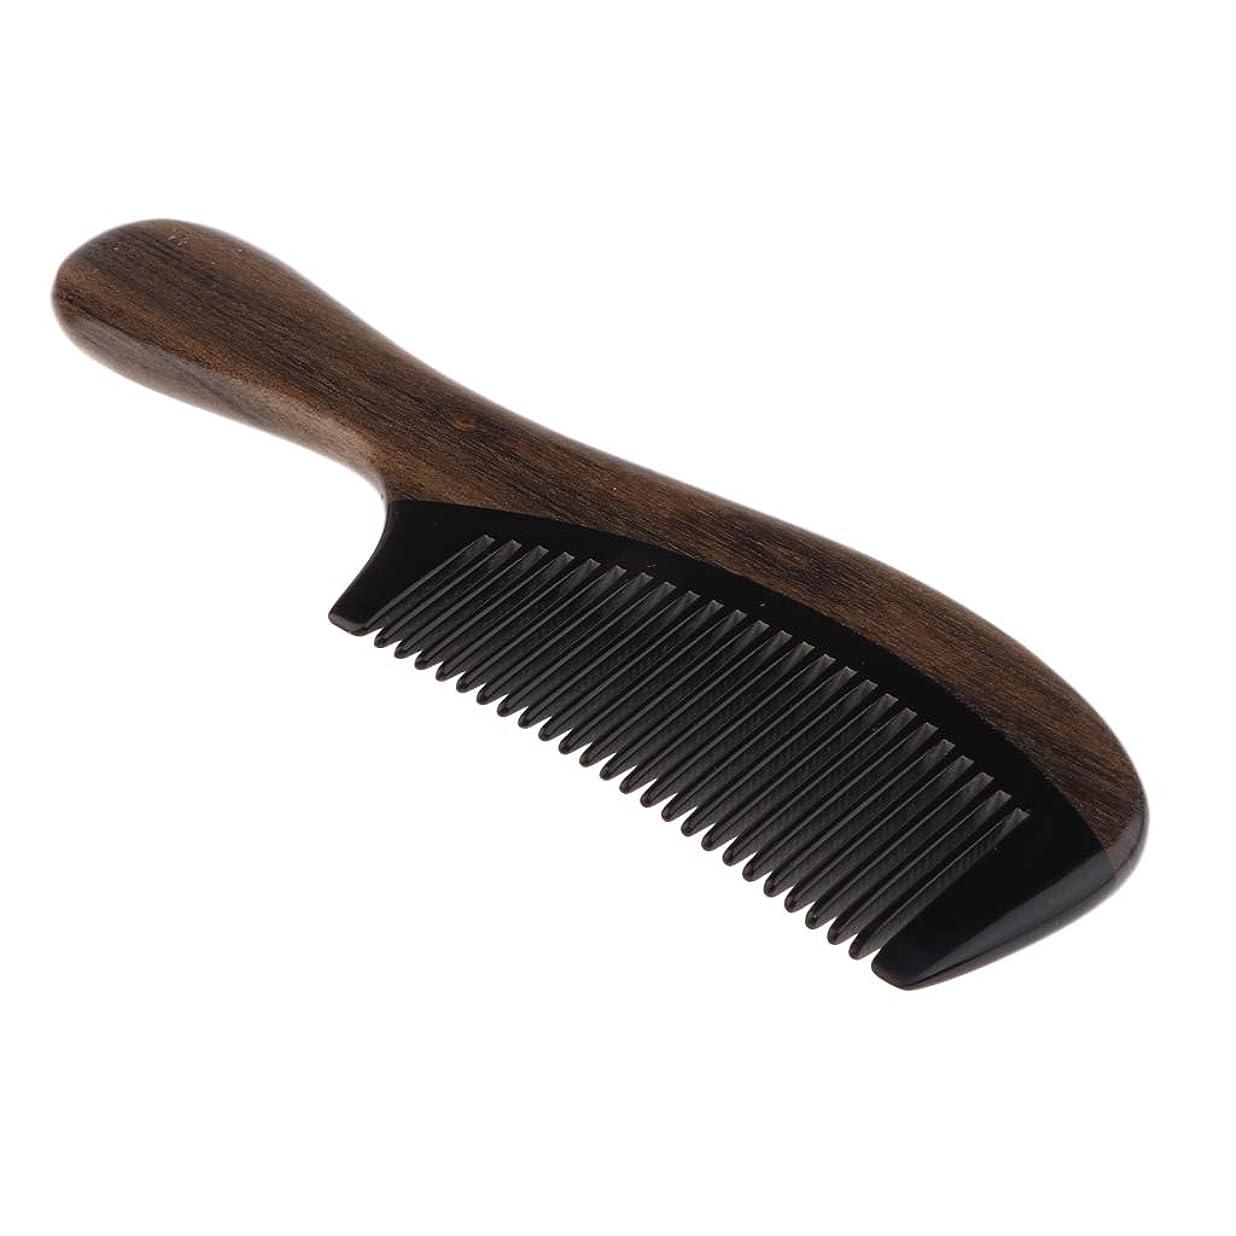 マティス抑圧する気性Perfeclan くし コーム 木製 木製櫛 ヘア櫛 ヘアブラシ 頭皮マッサージ ヘアケア 頭皮に優しい ヘアケアツール